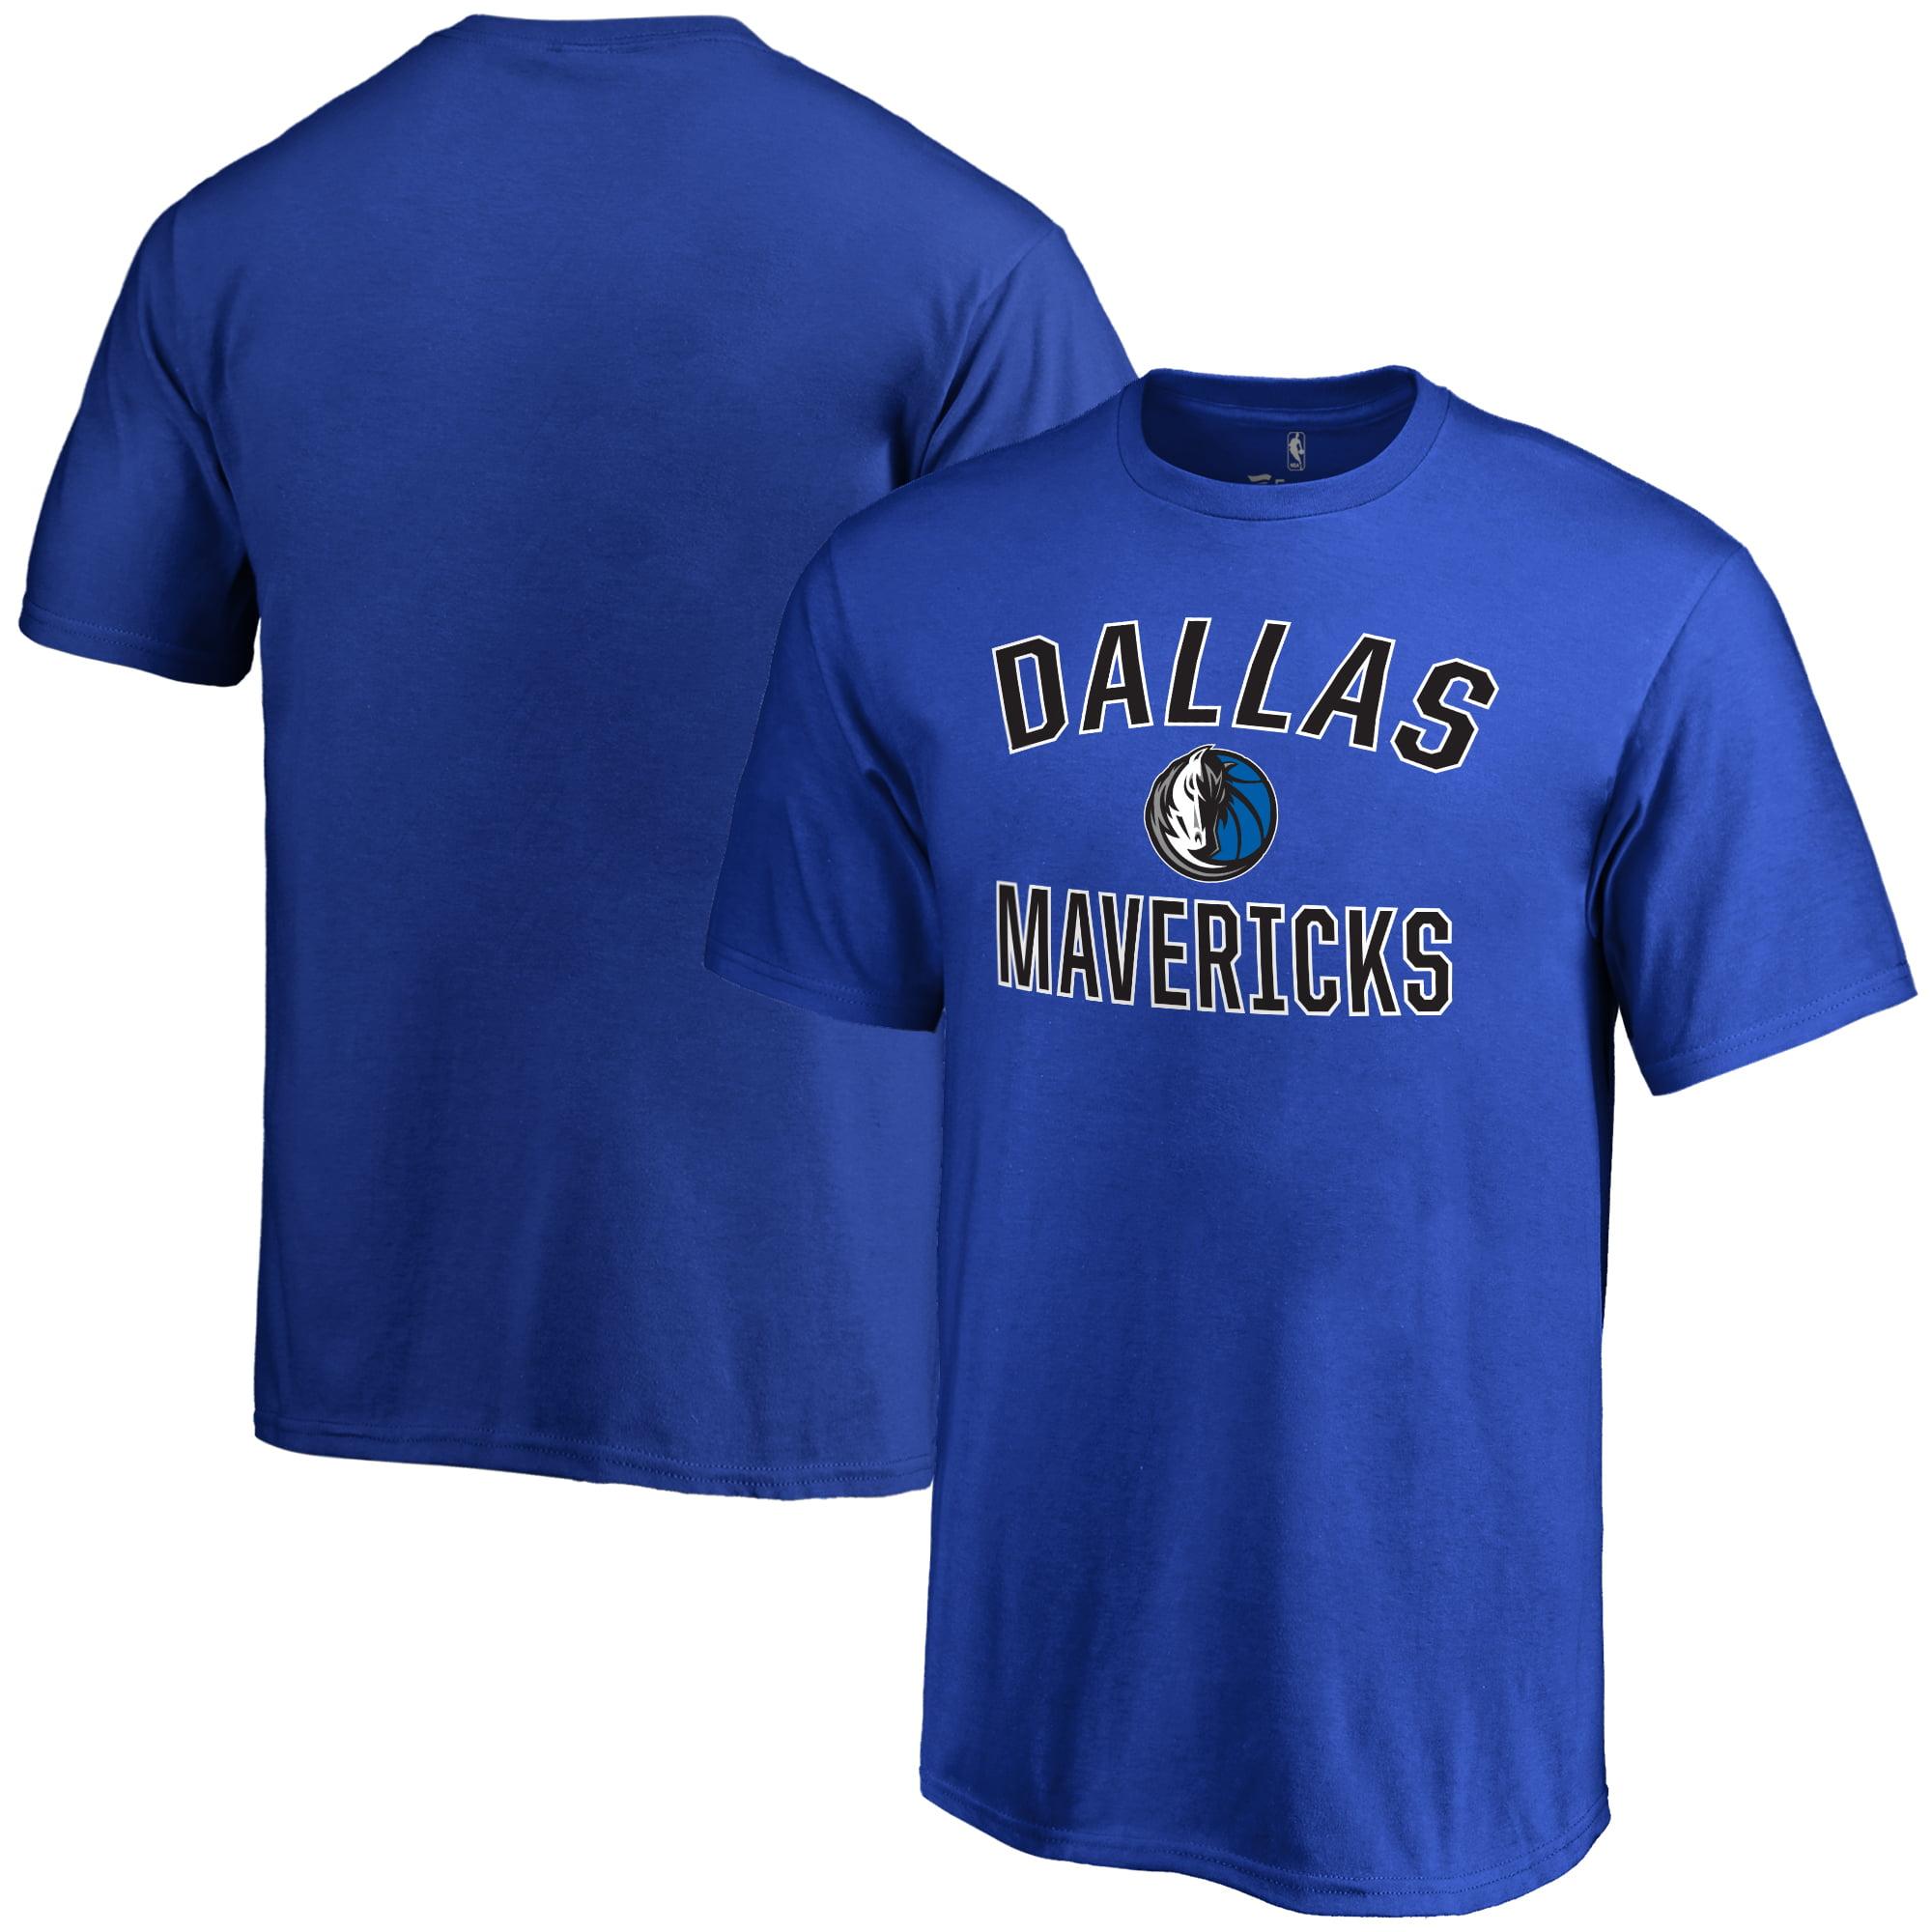 Dallas Mavericks Youth Victory Arch T-Shirt - Royal